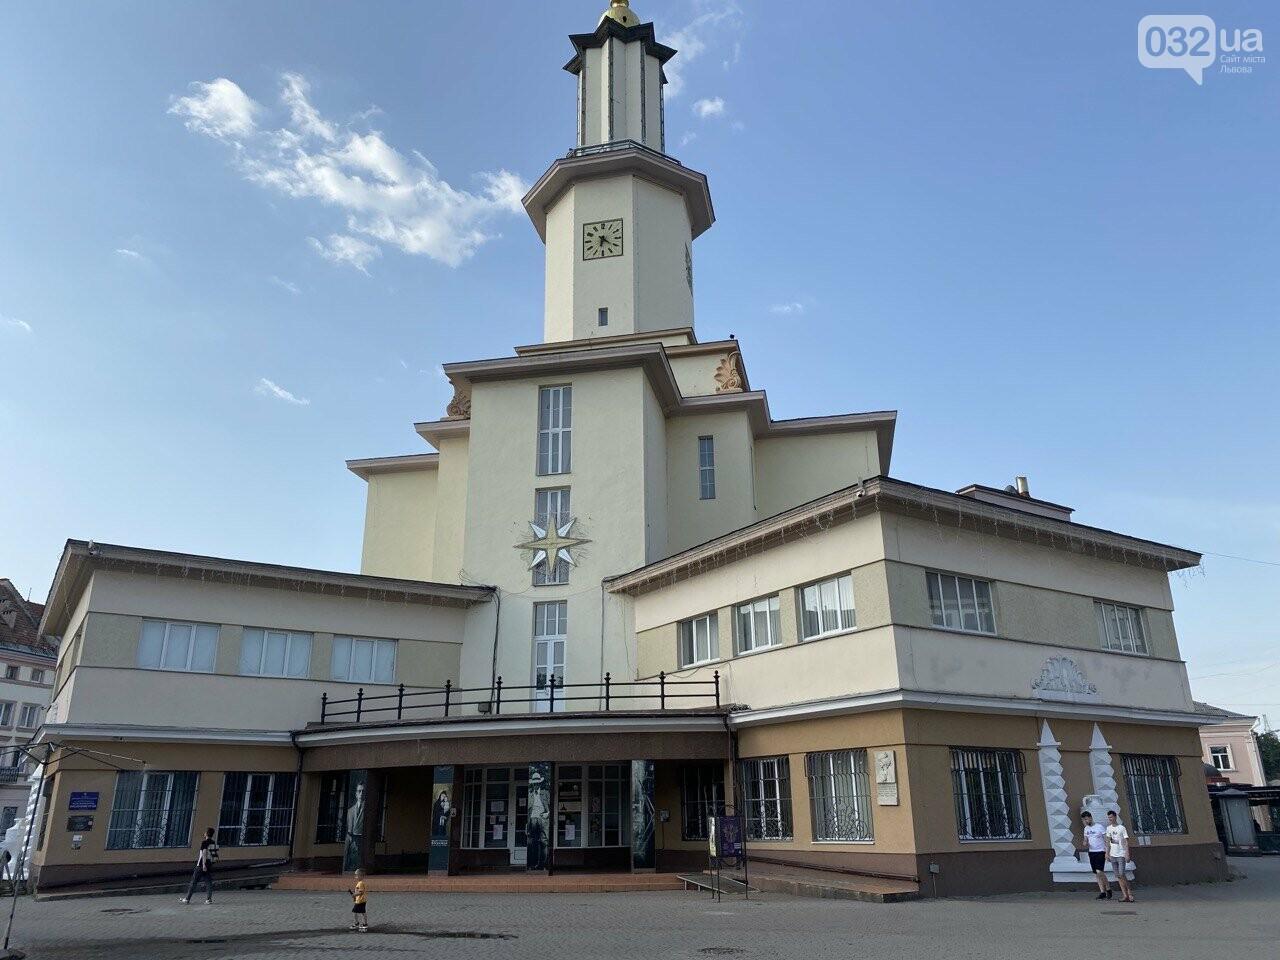 Ратуша в Івано-Франківську, Фото: 032.ua